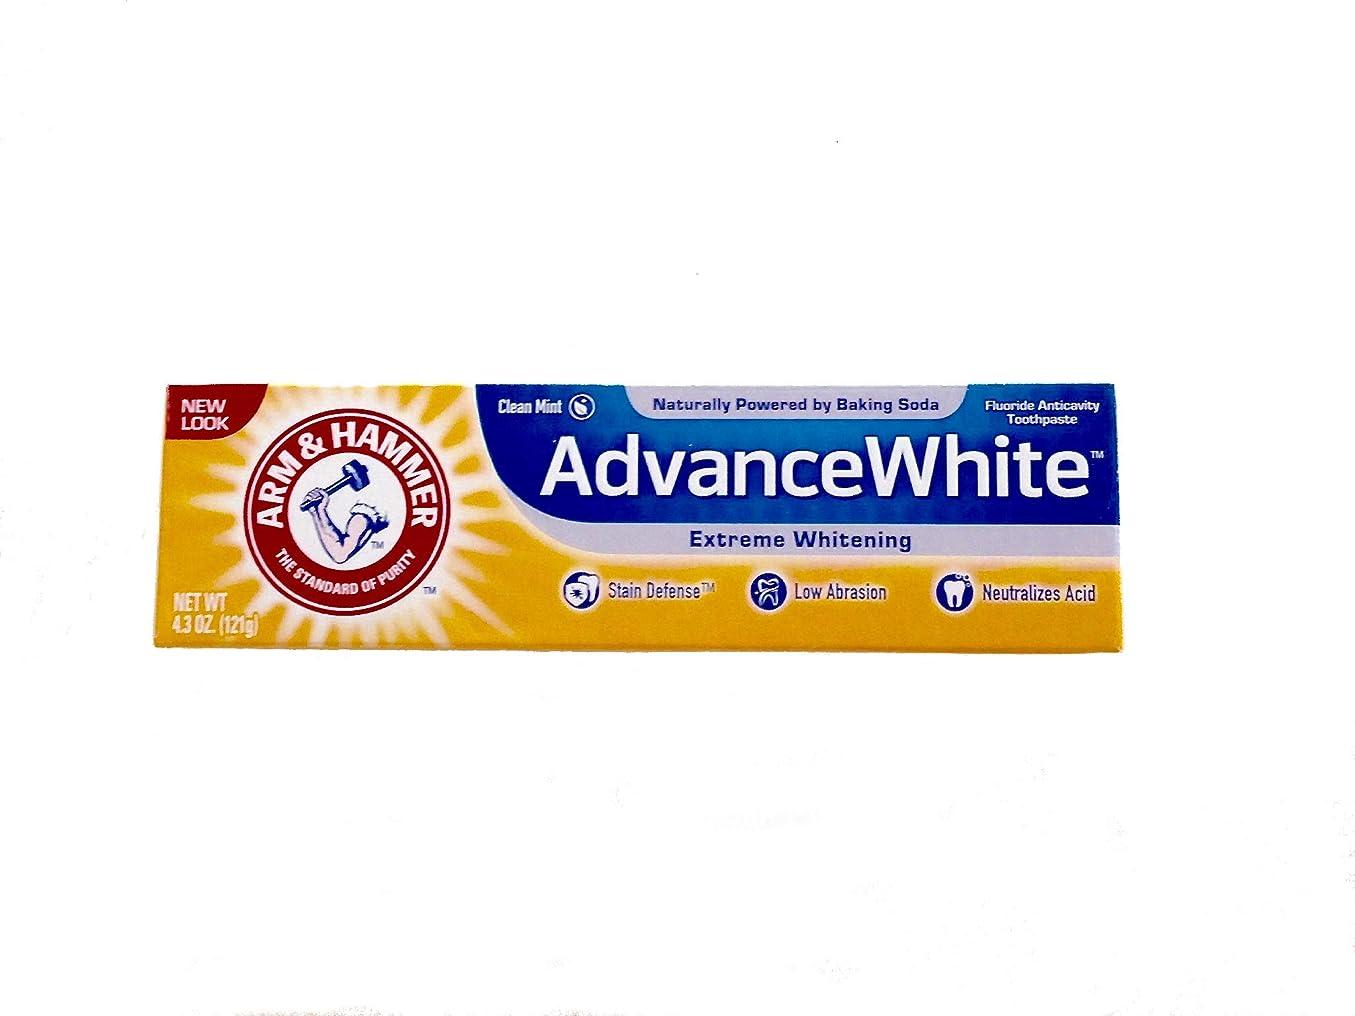 古くなったミュウミュウでるArm & Hammer Advance White Fluoride Anti-Cavity Toothpaste with Baking Soda & Peroxide - 4.3 oz by Arm & Hammer [並行輸入品]